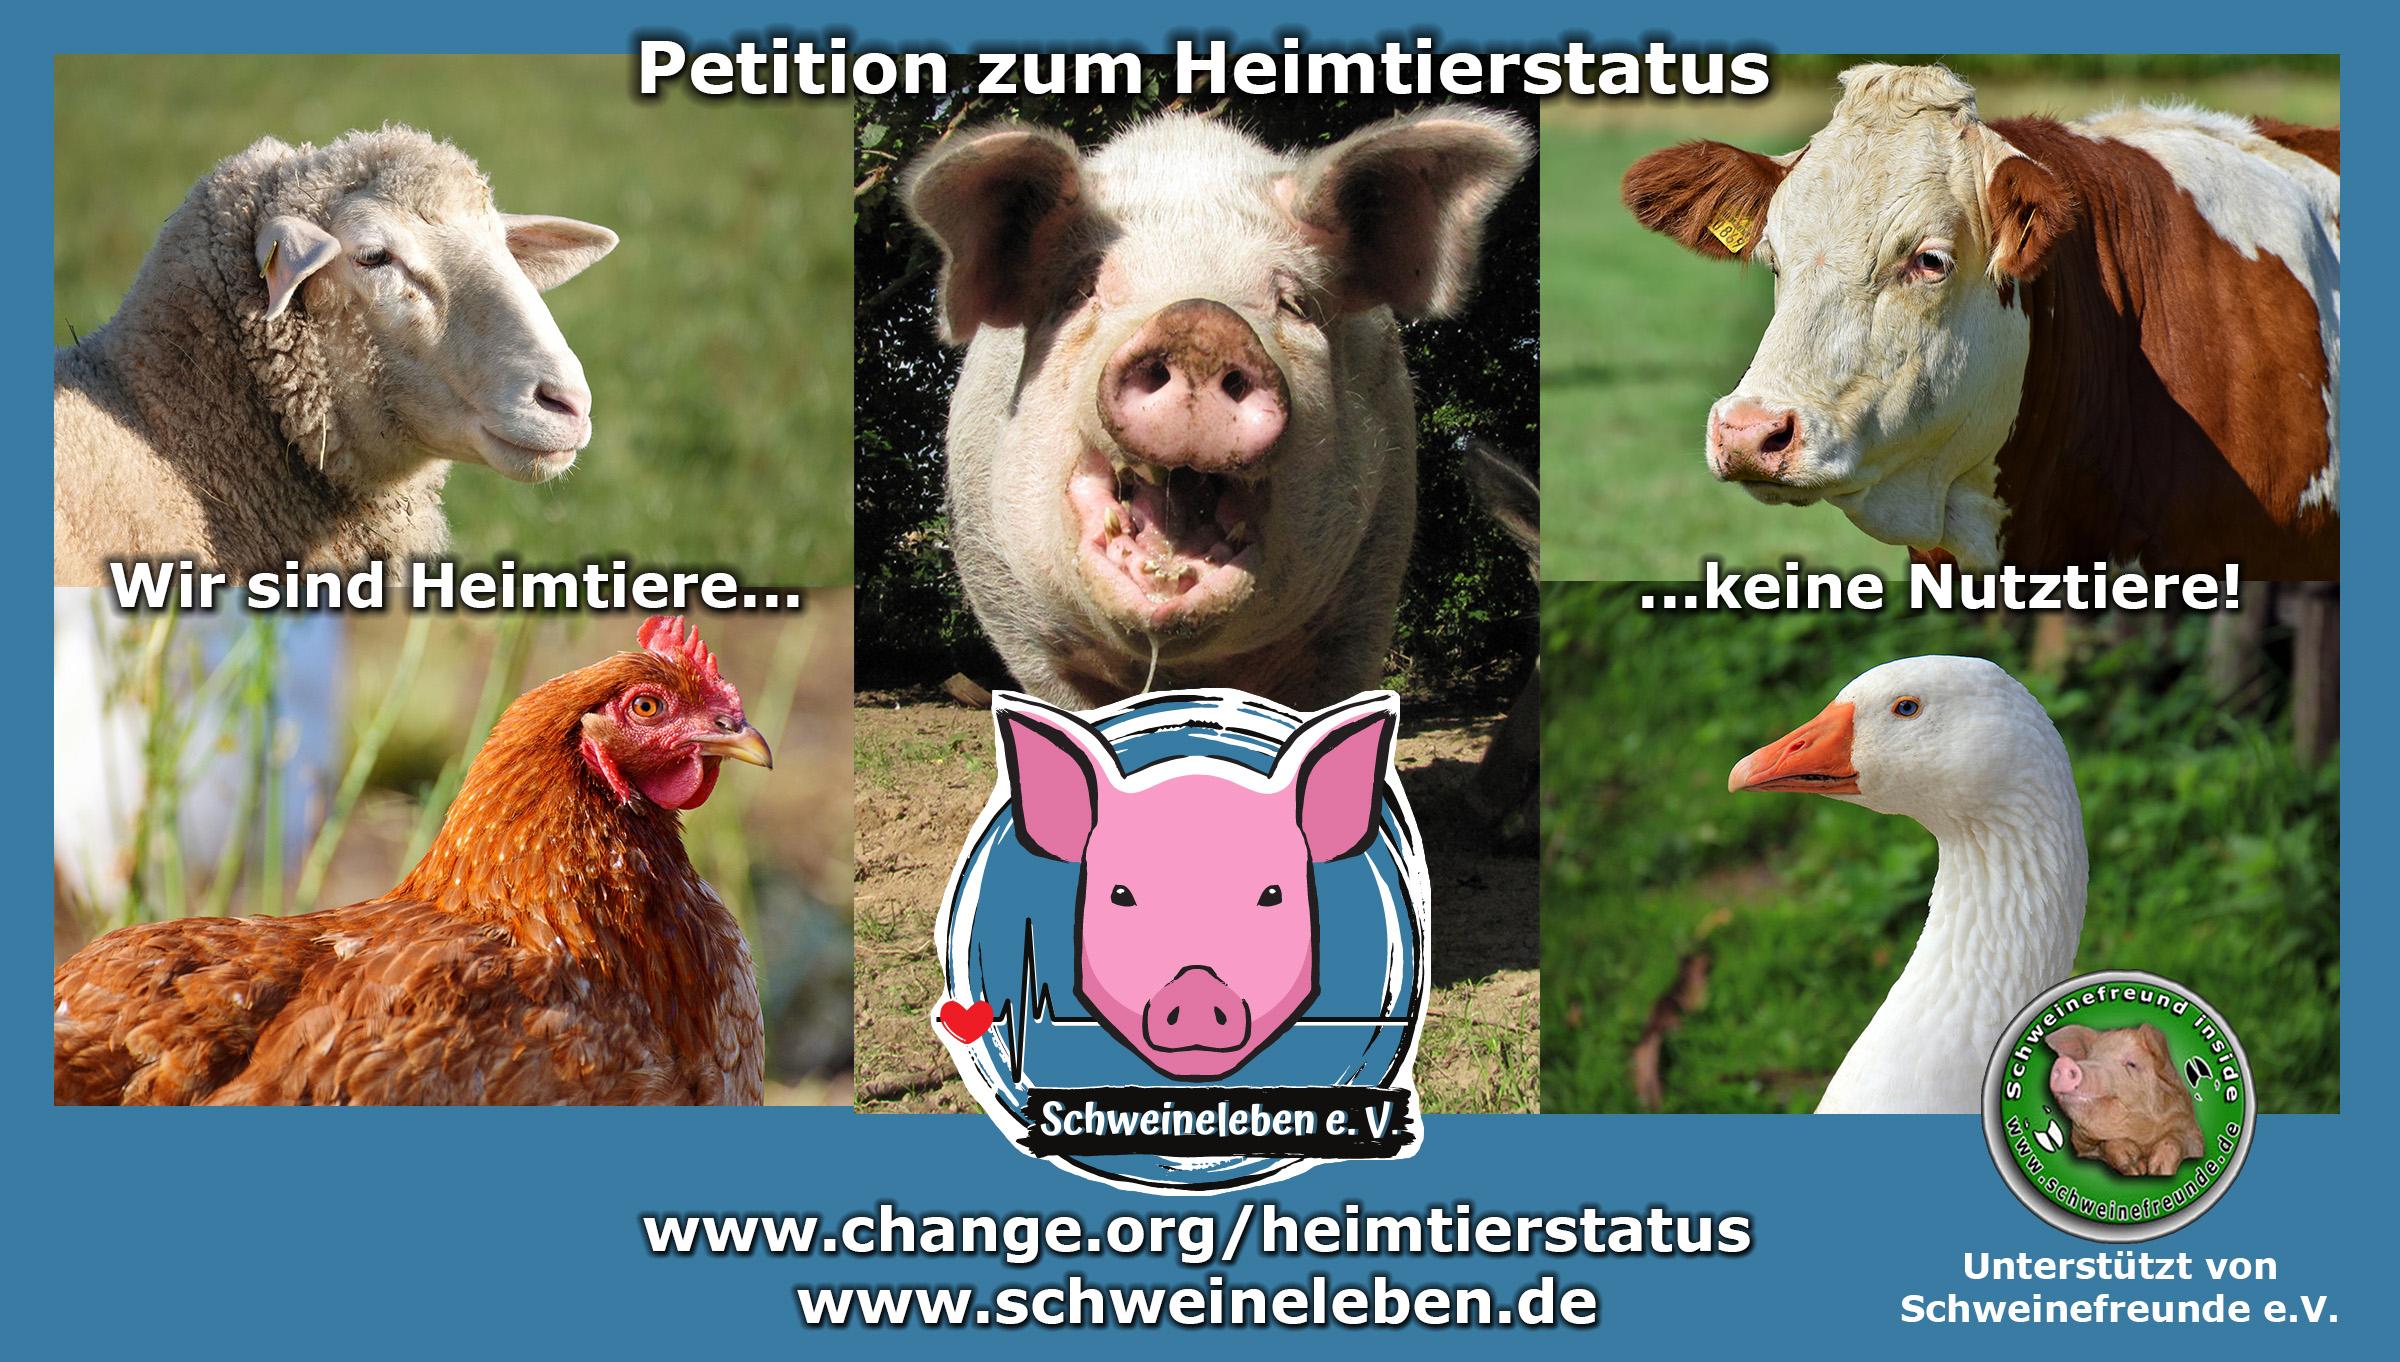 Schweine als Heimtiere - unsere Petition